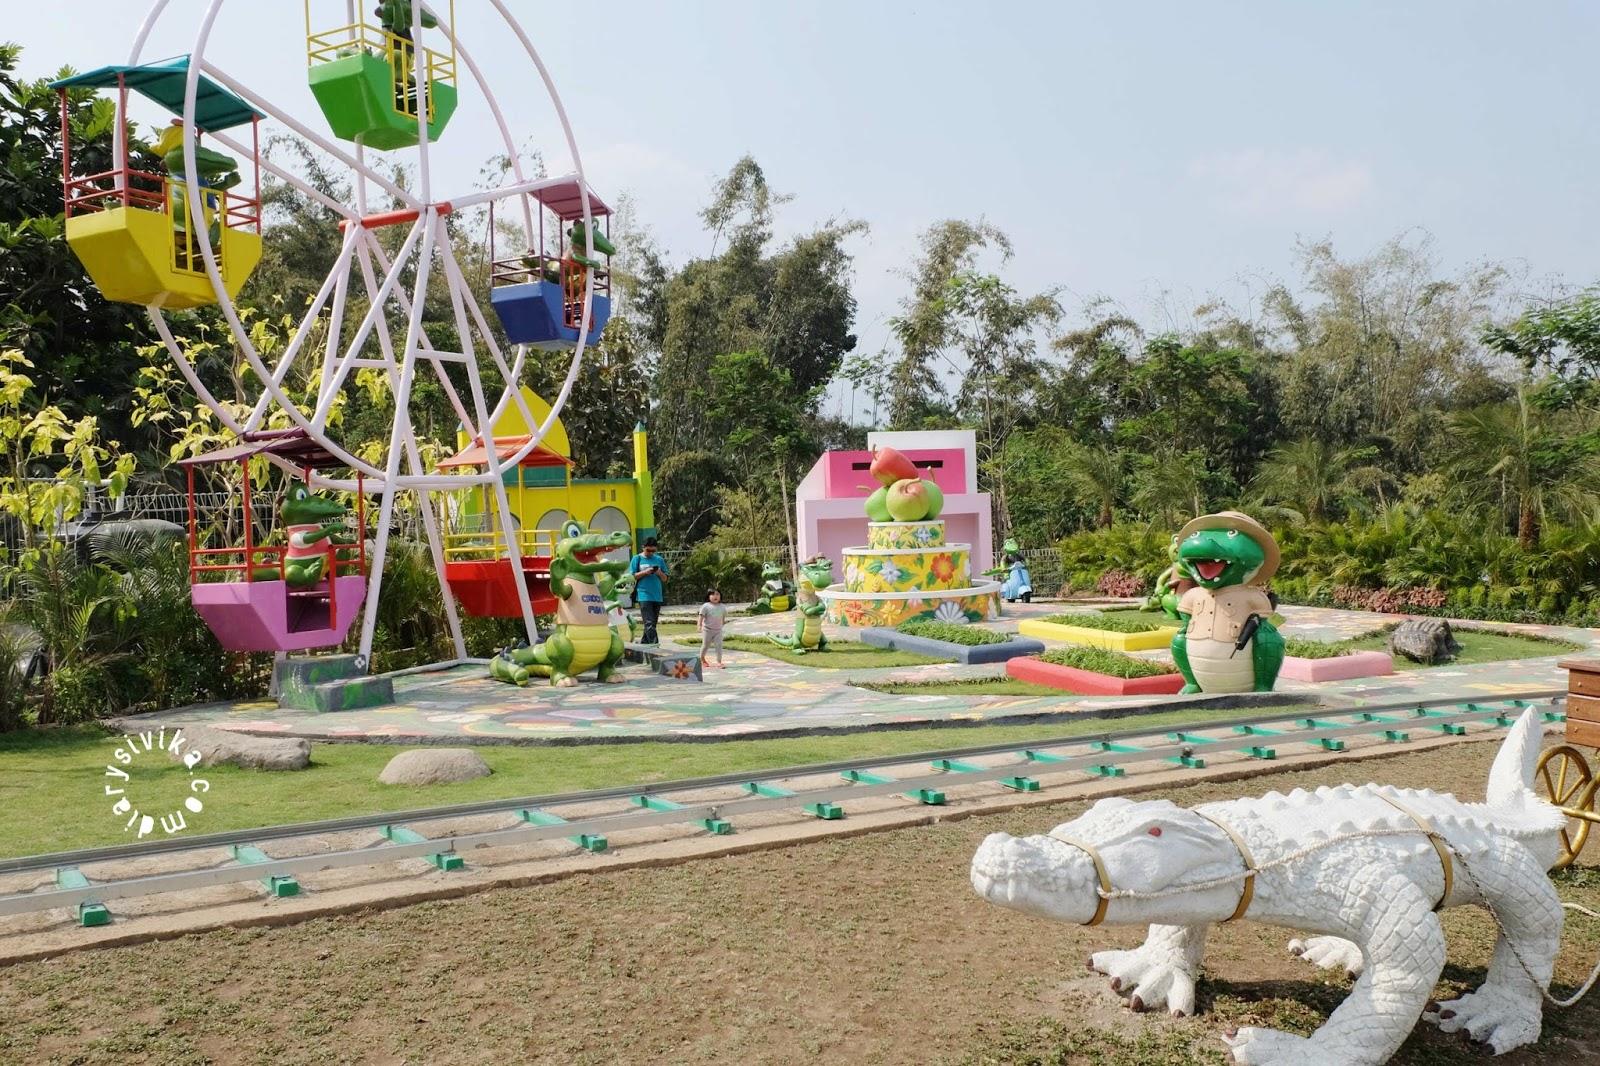 Predator Fun Park Kota Batu Menyeramkan Diarysivika Food Permainan Anak